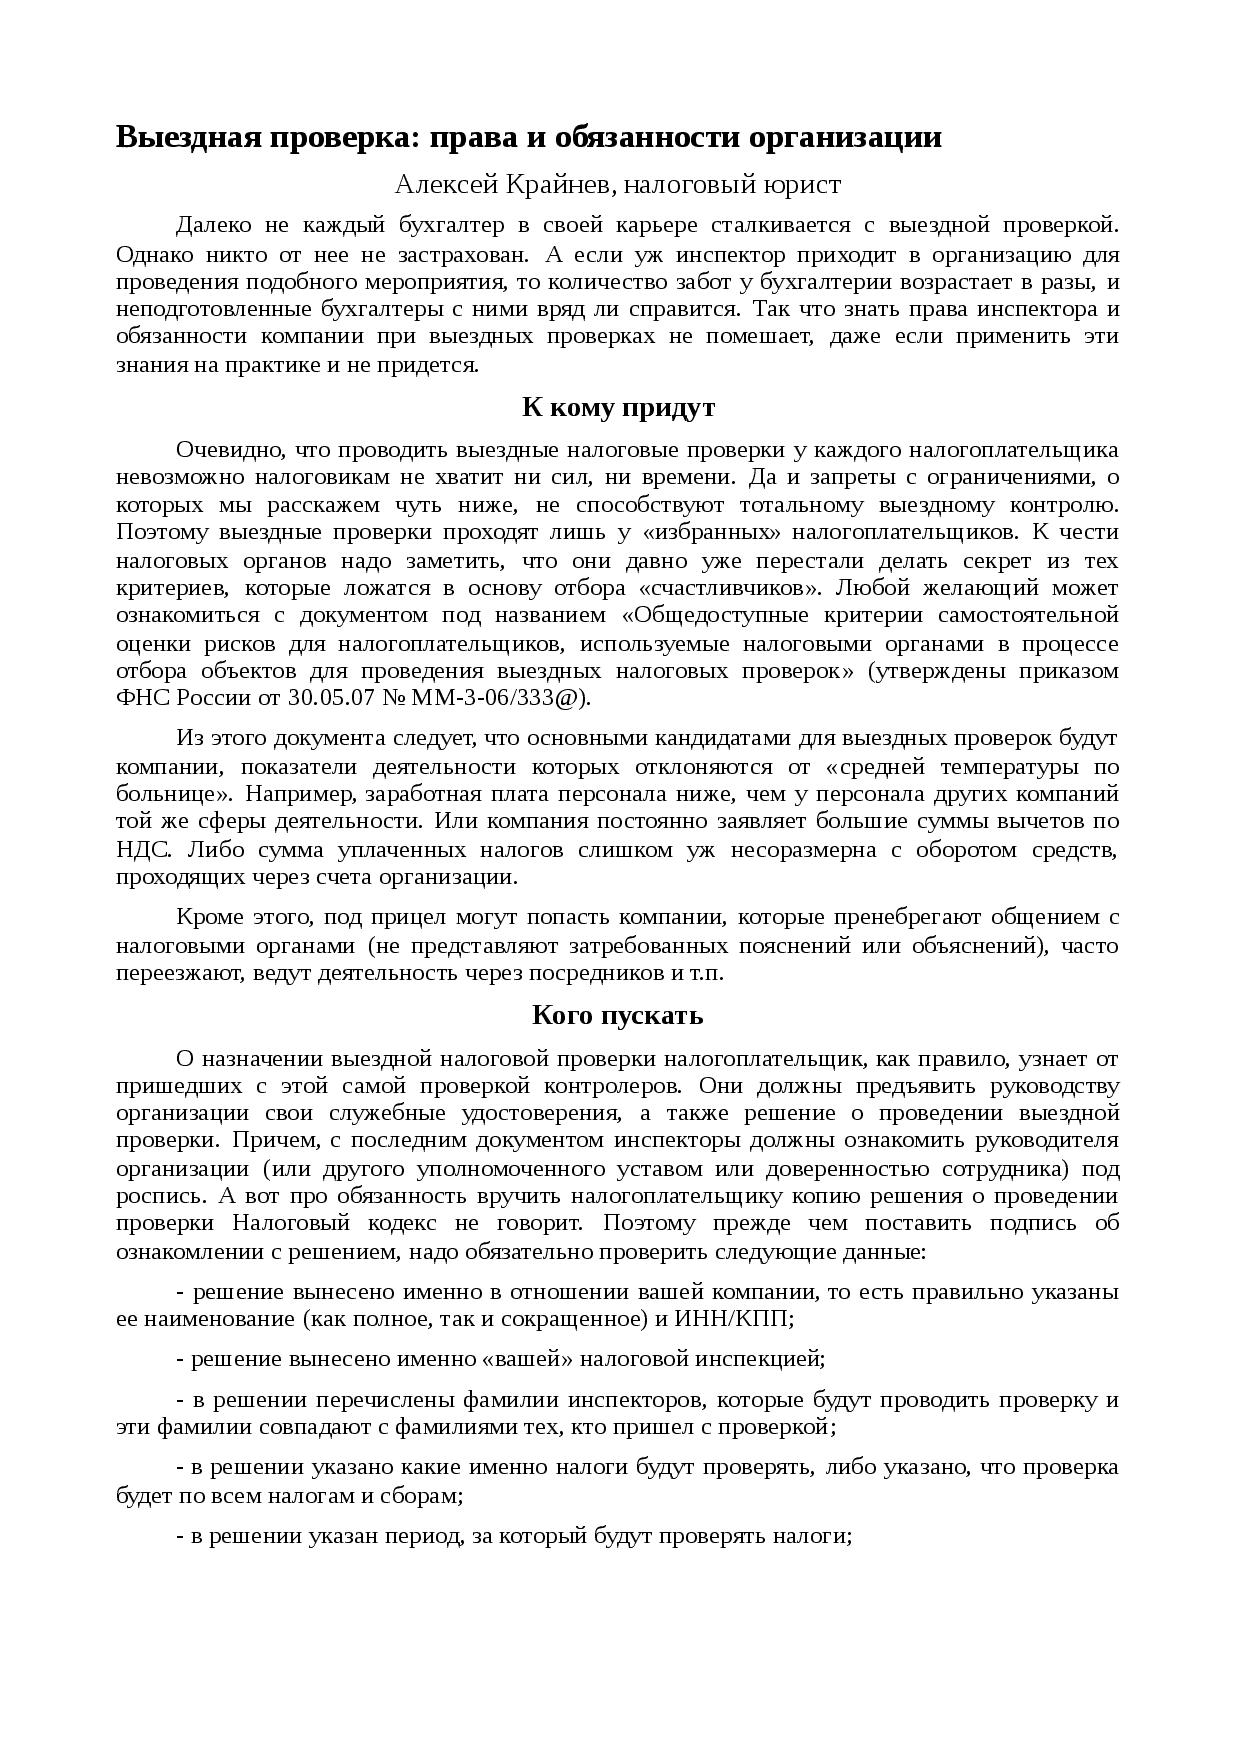 mozhno-li-ne-pustit-inspektora-v-organizacziyu-2